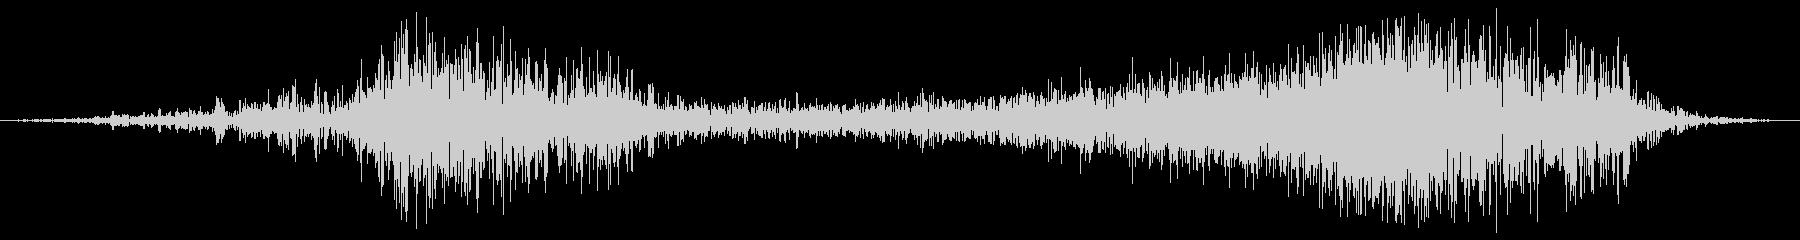 ヘビーメタルローリングフーシの未再生の波形